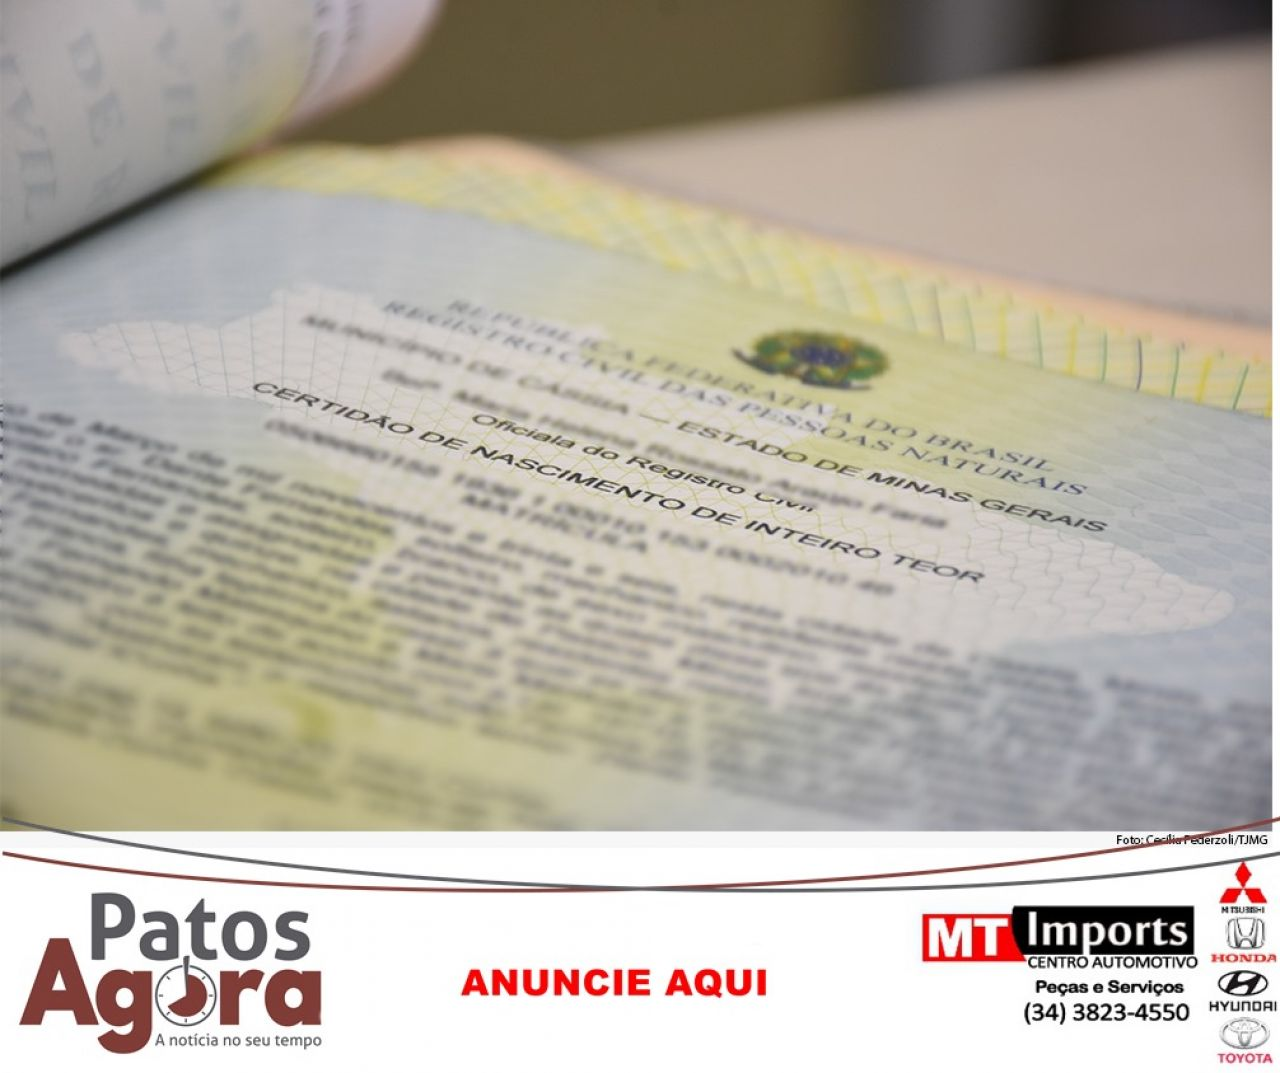 TJMG reconhece paternidade socioafetiva após morte de professor em Patos de Minas